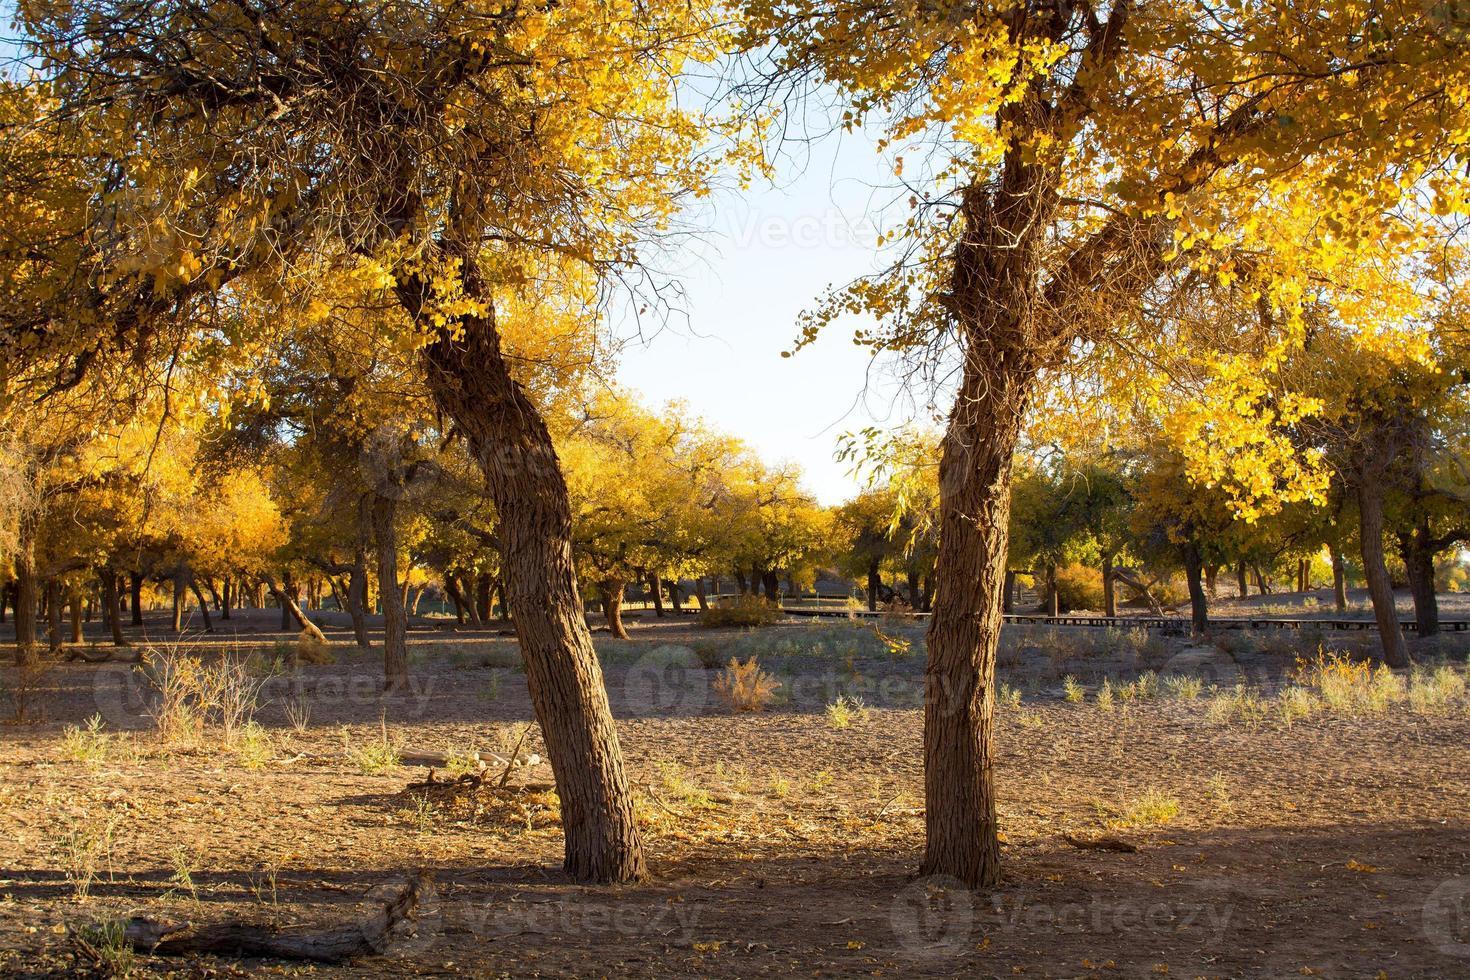 Les peupliers en automne, Ejina, Mongolie intérieure, Chine photo